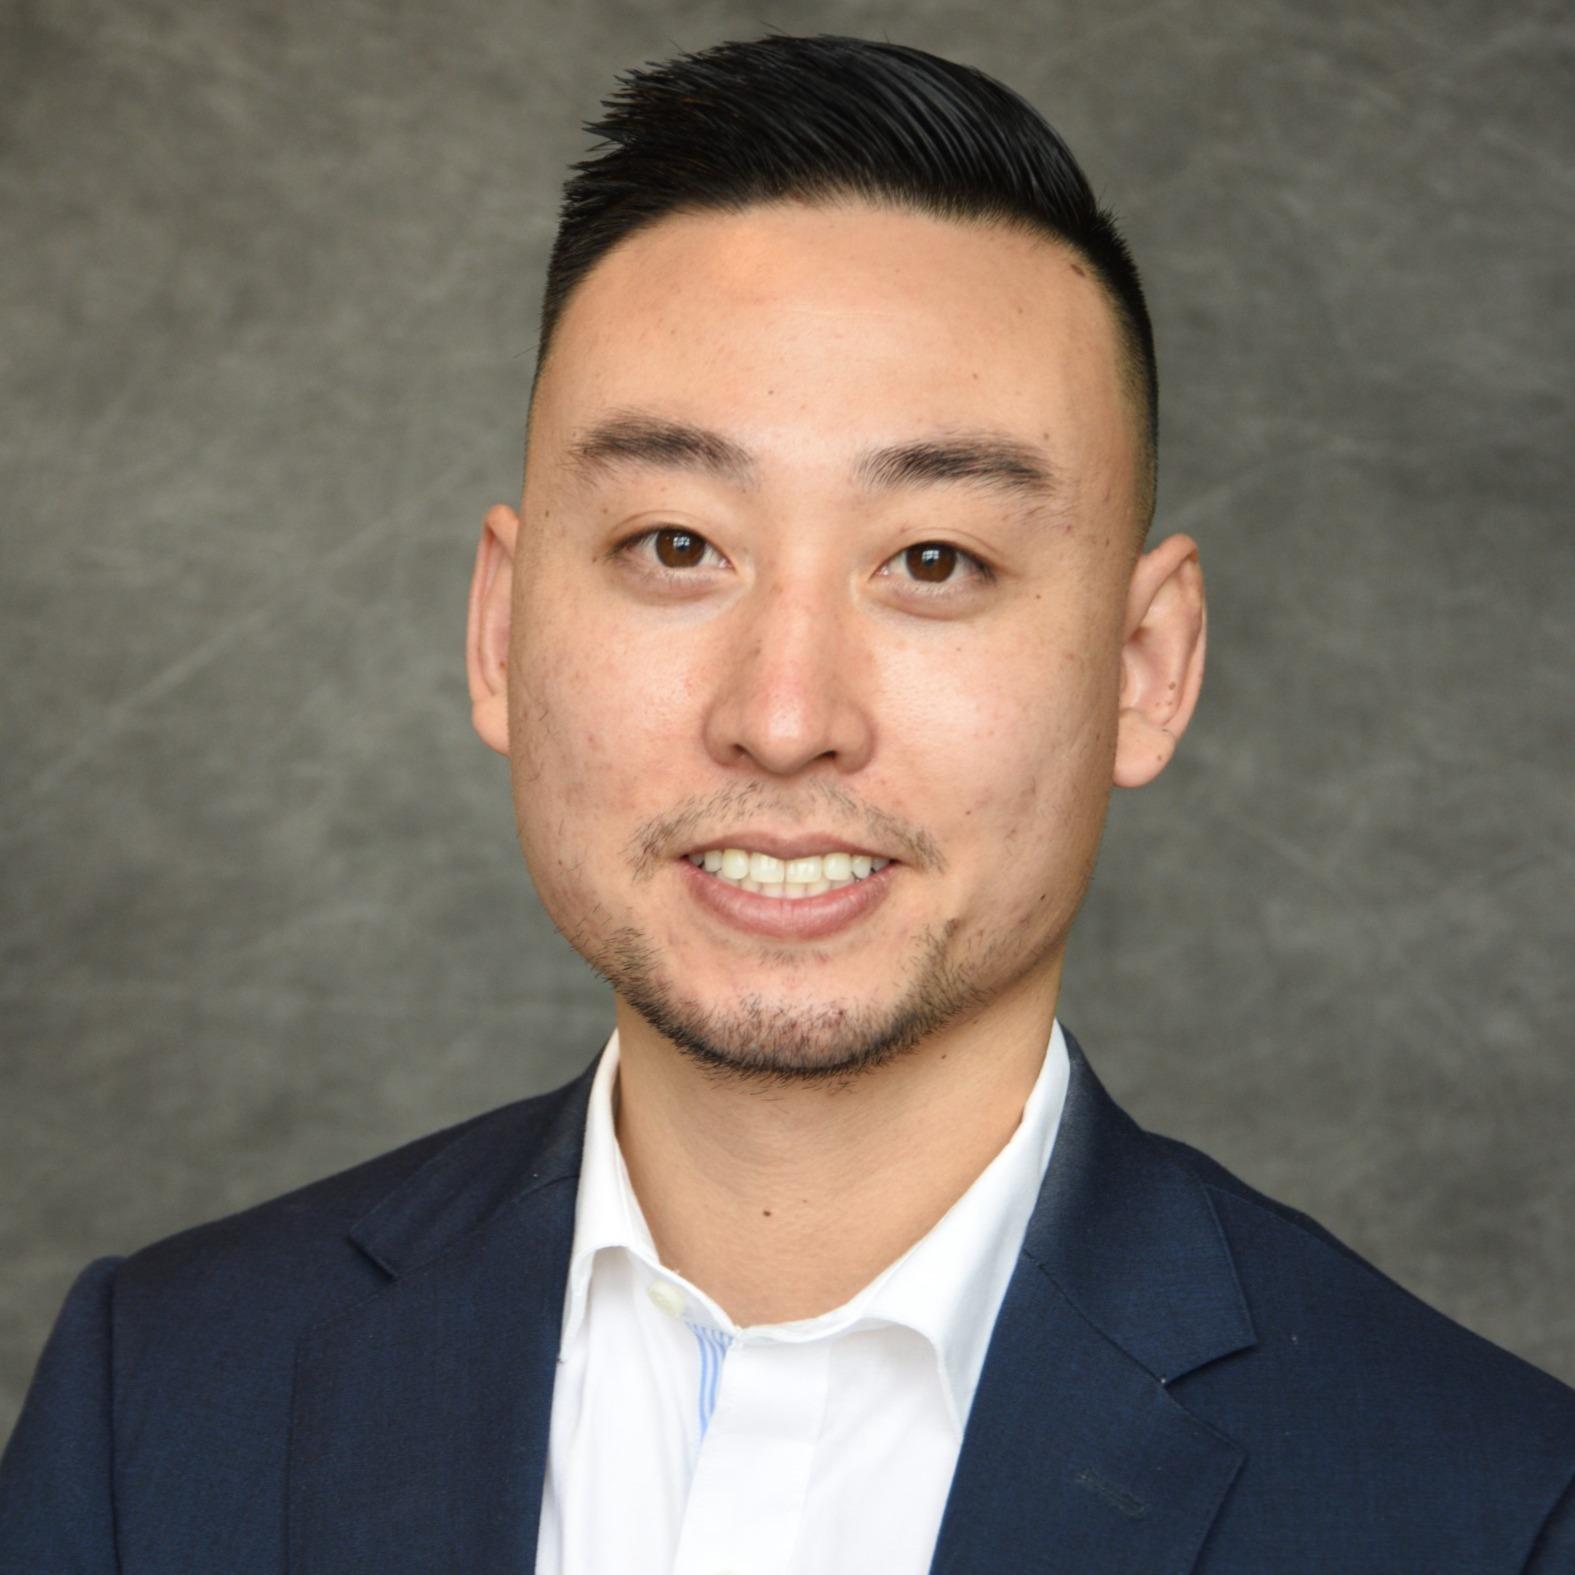 Headshot of Matthew Wong